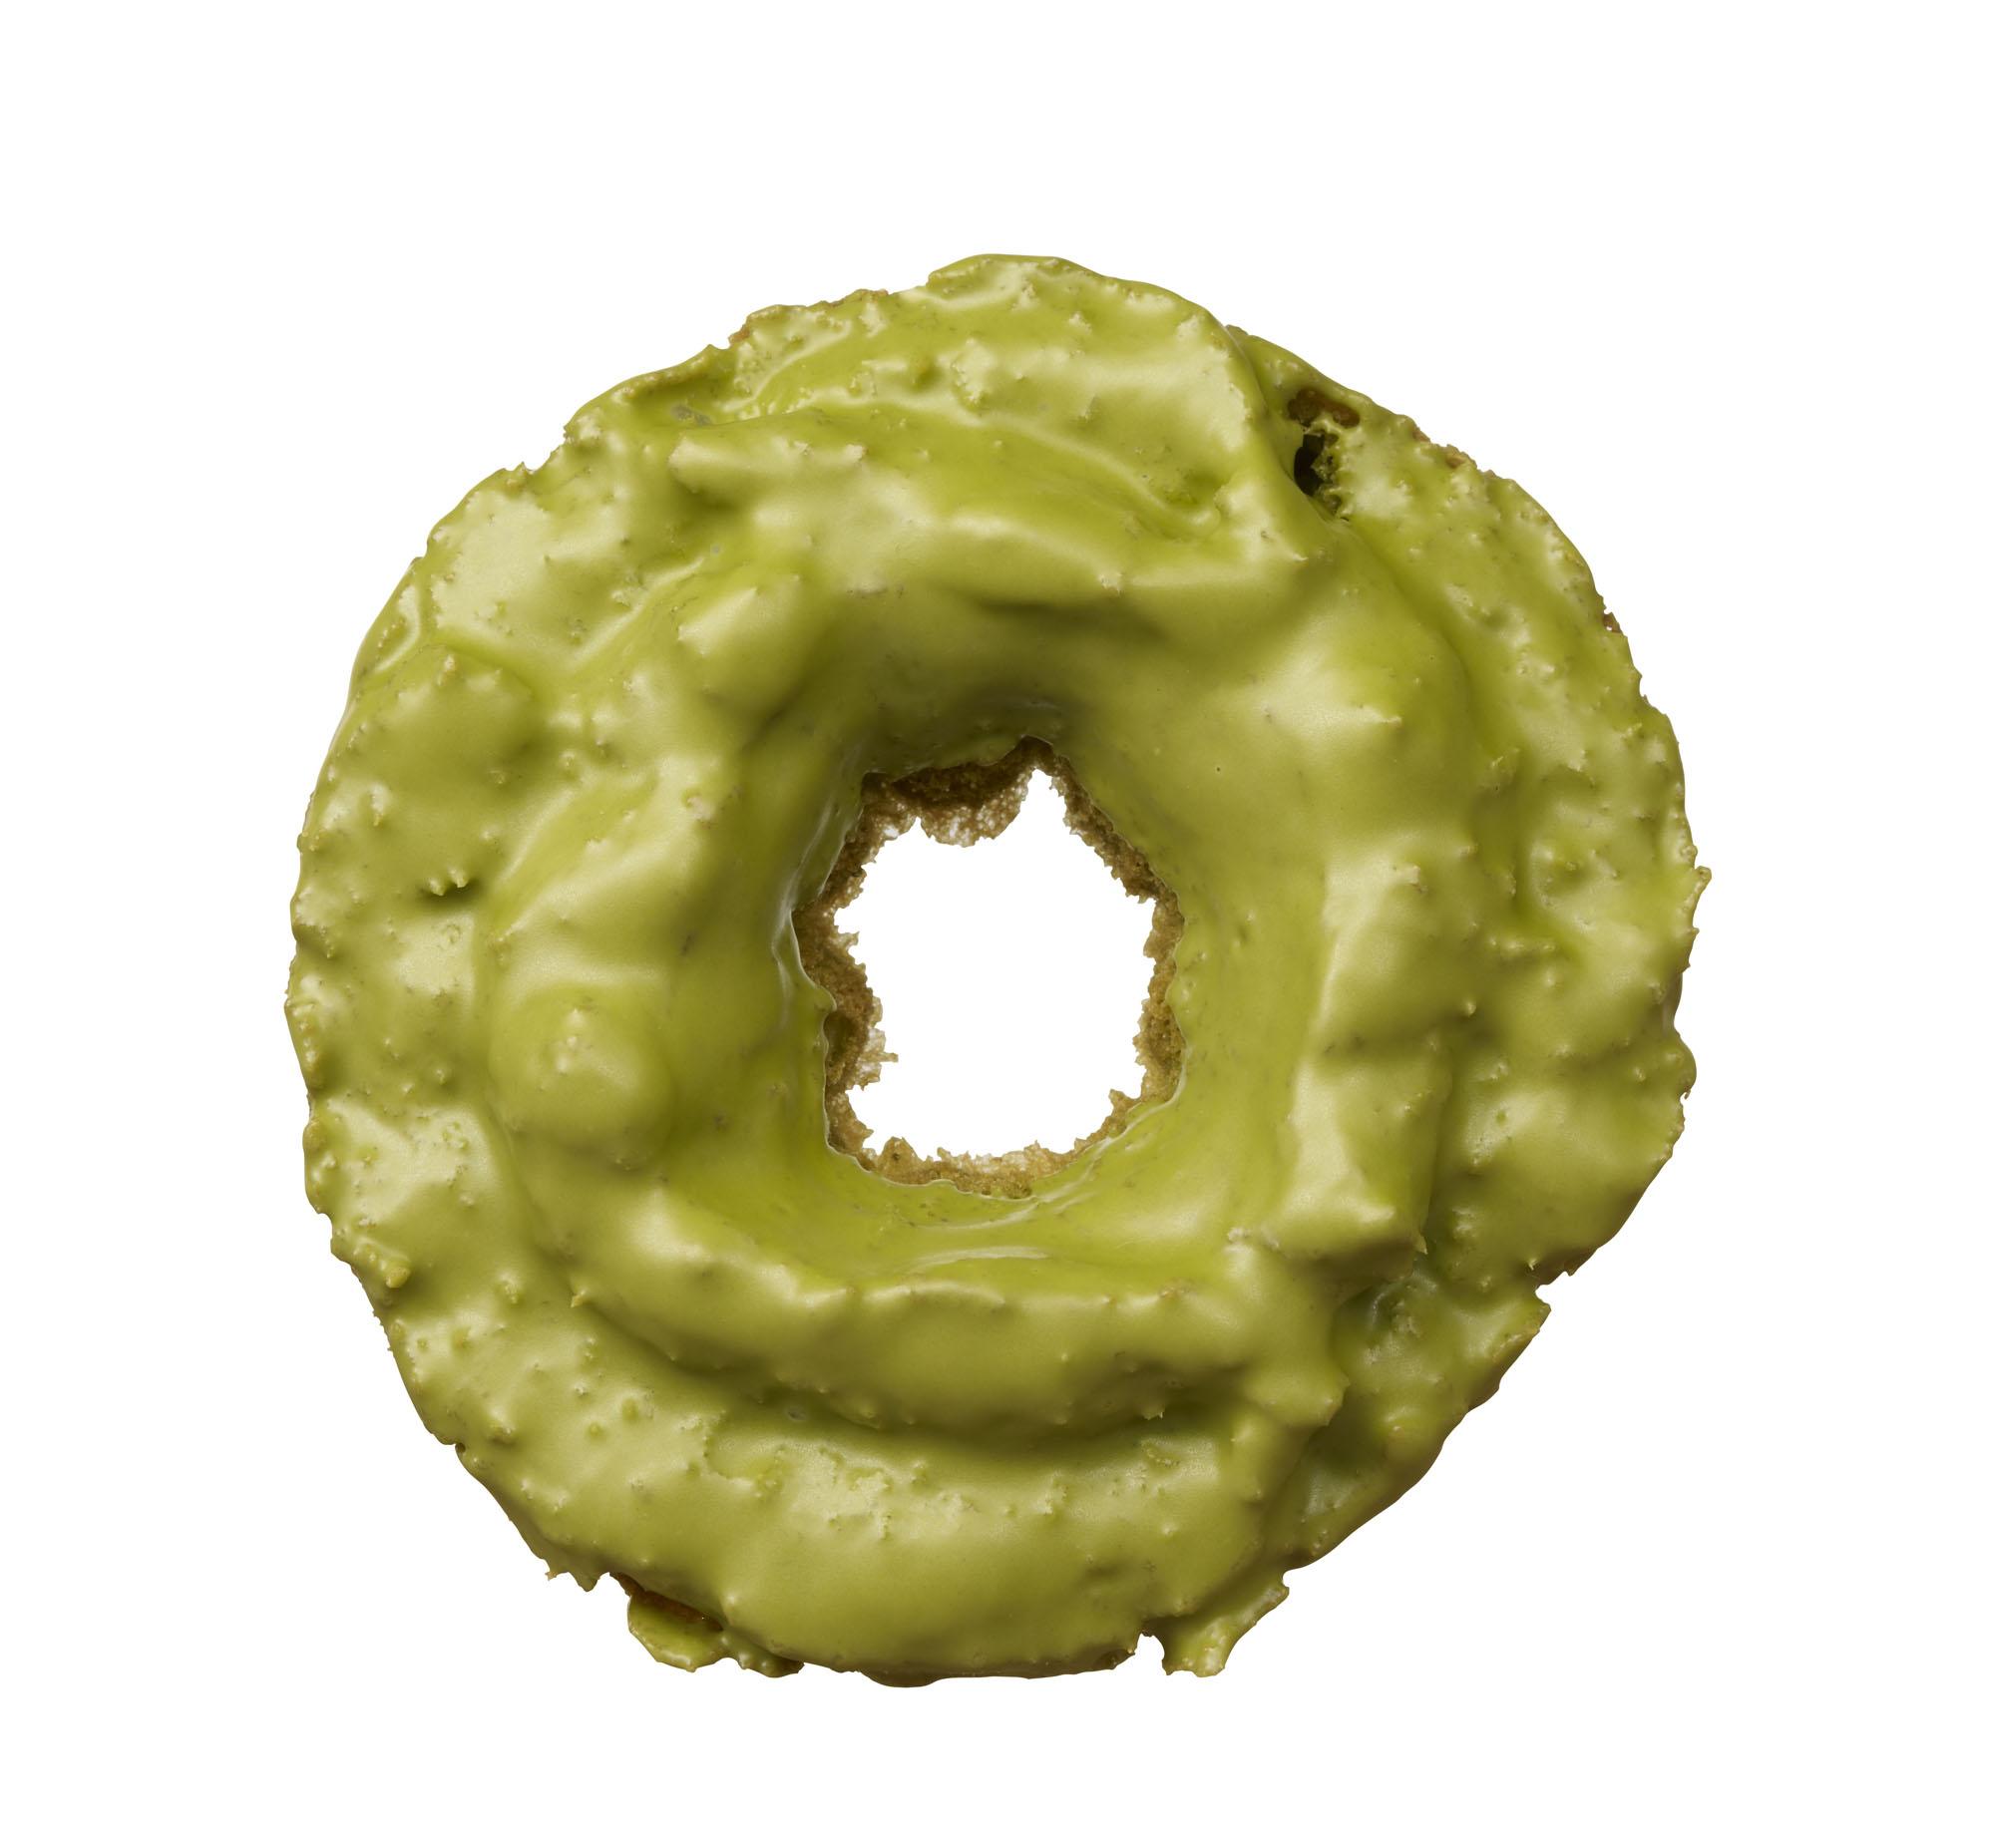 『クリスピー・クリーム・ドーナツ』の新作は、お茶×フルーツ&ナッツが新鮮な「和茶ドーナツ」♡ _2